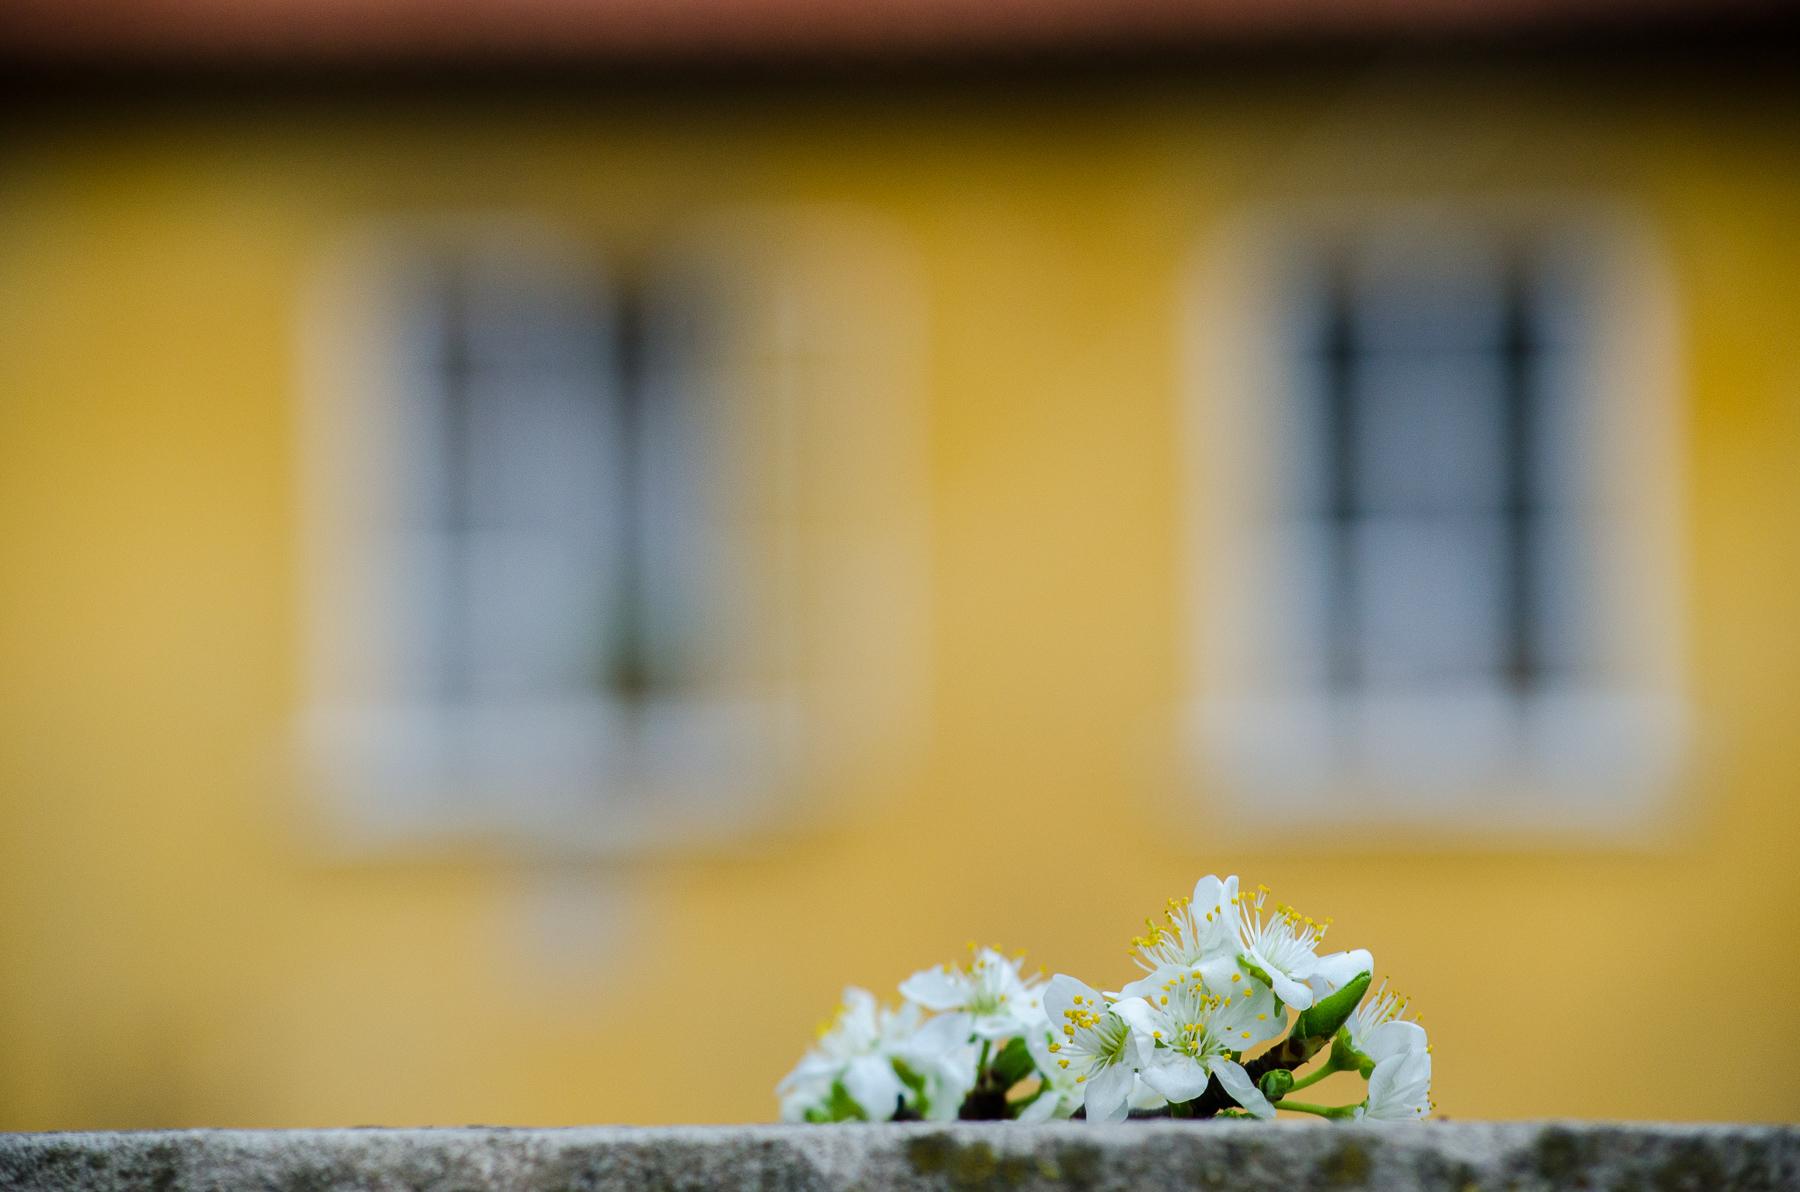 Jaro v Praze - okna a květy třešní v popředí